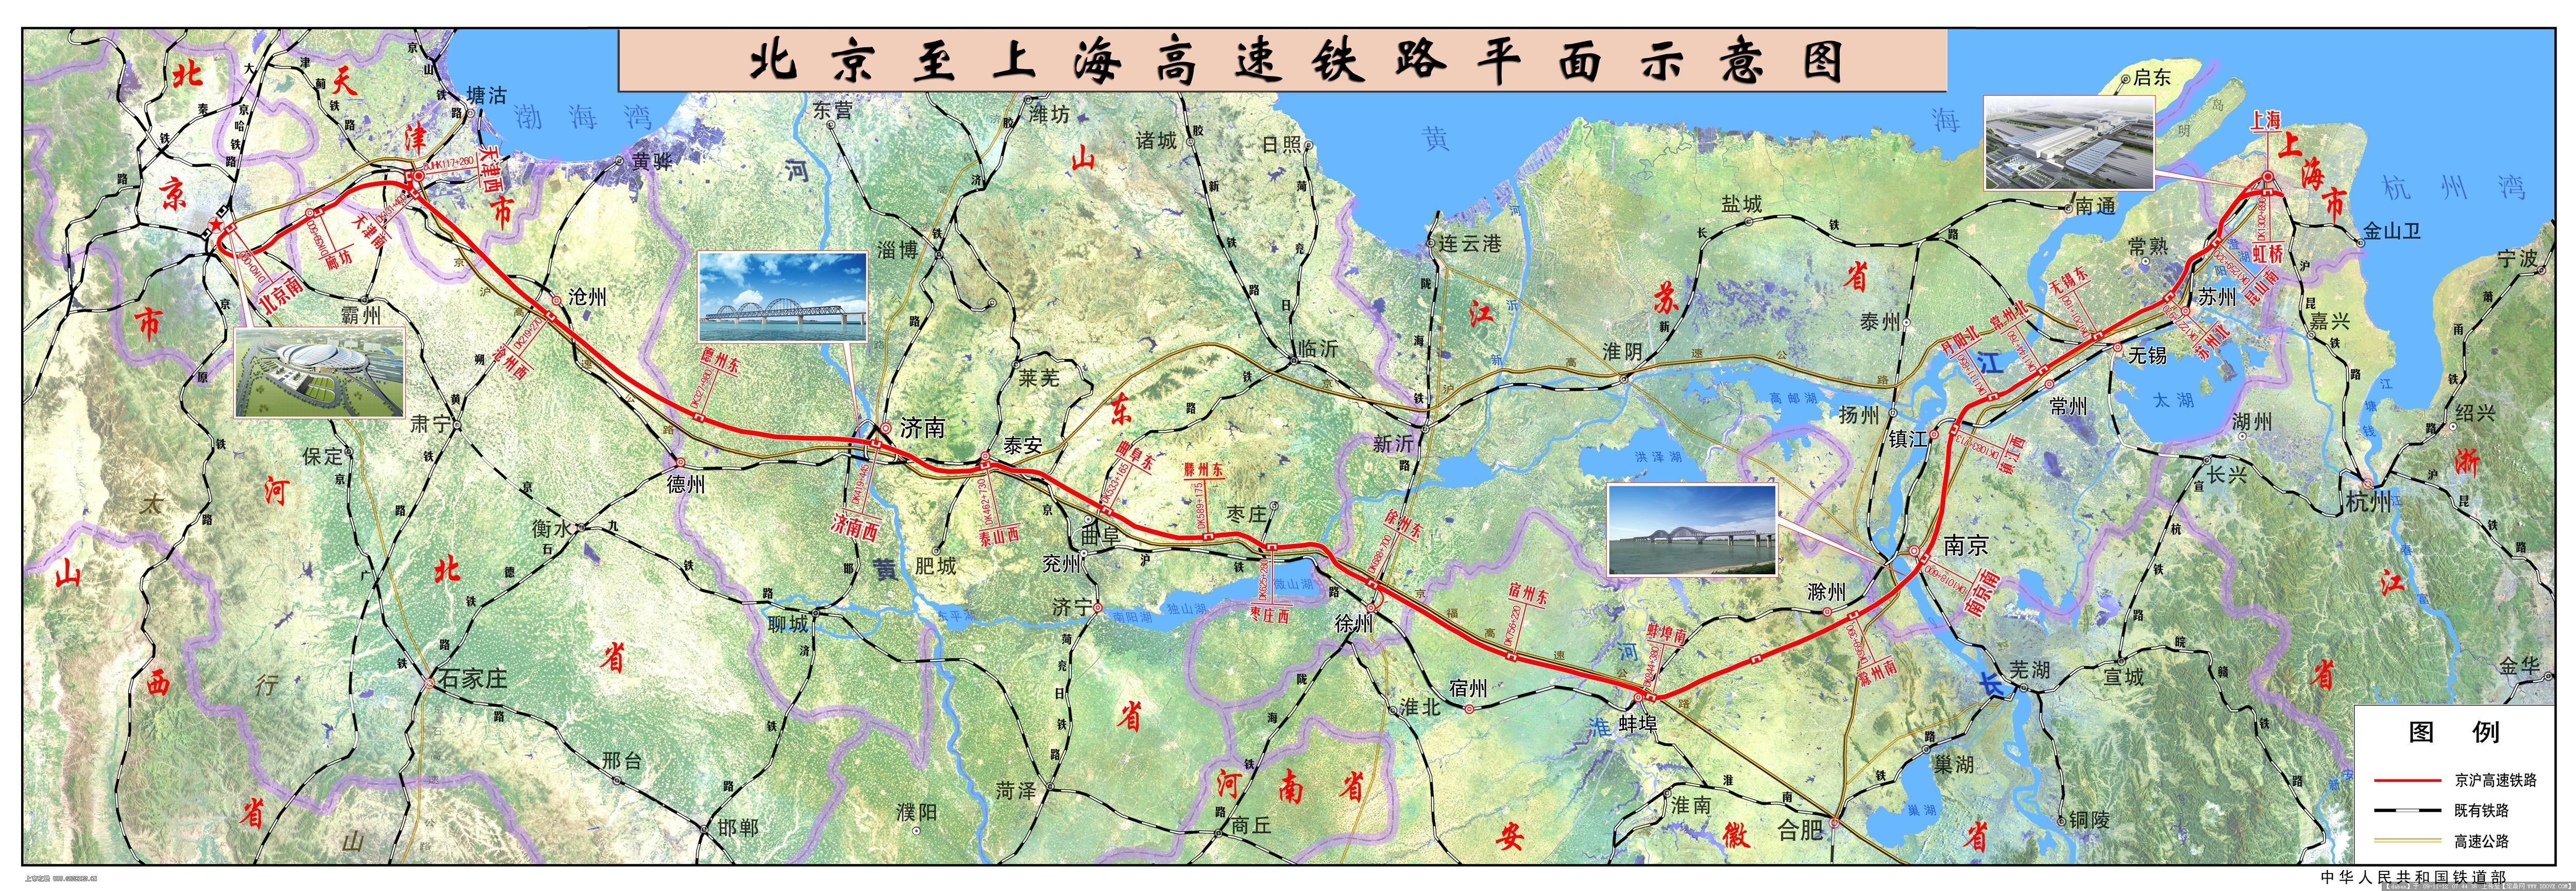 京沪高铁地图